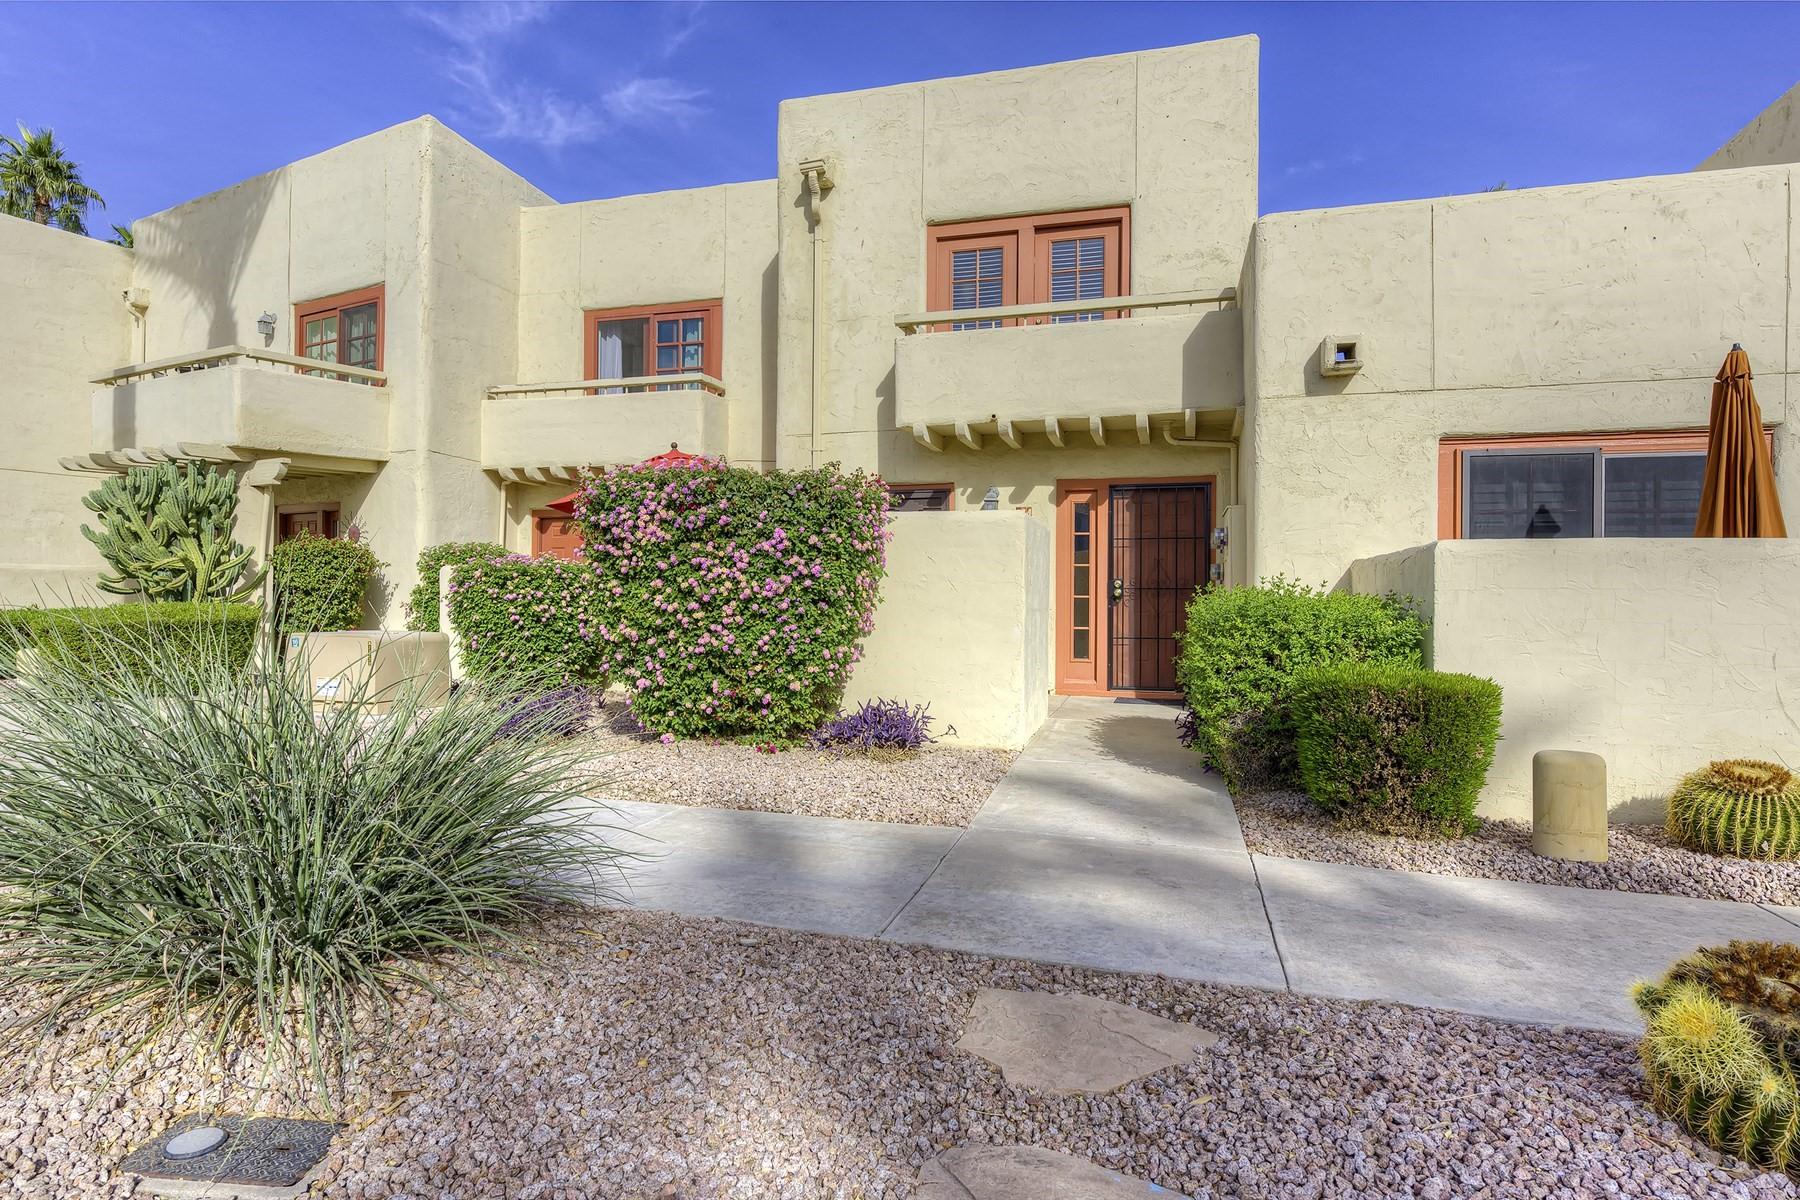 تاون هاوس للـ Sale في Beautiful Townhouse in the highly sought after community of the Alamos 6150 N Scottsdale Rd #24, Paradise Valley, Arizona, 85253 United States